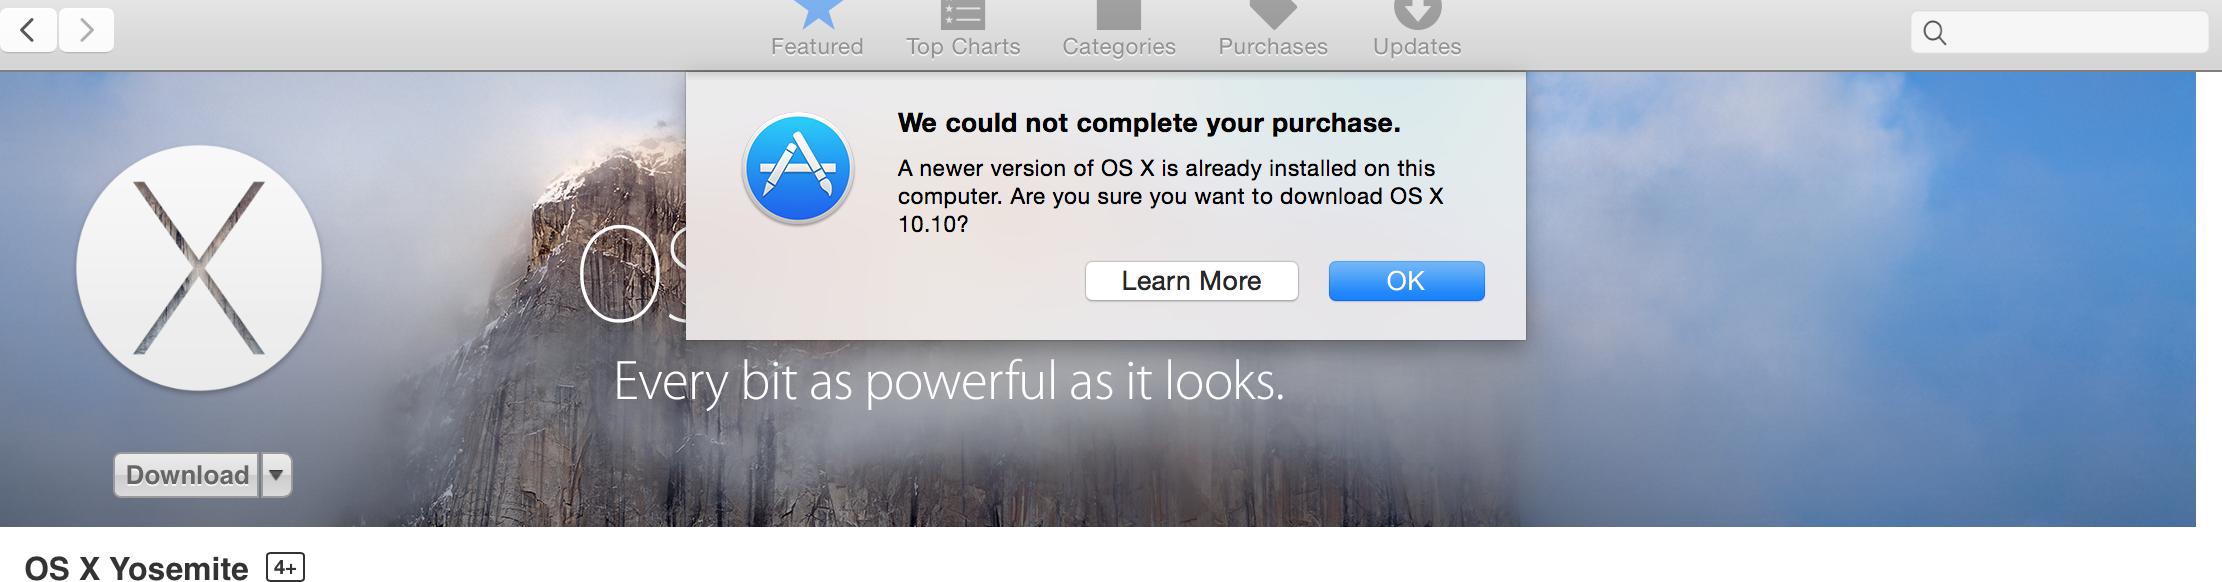 Os X Yosemite Download File